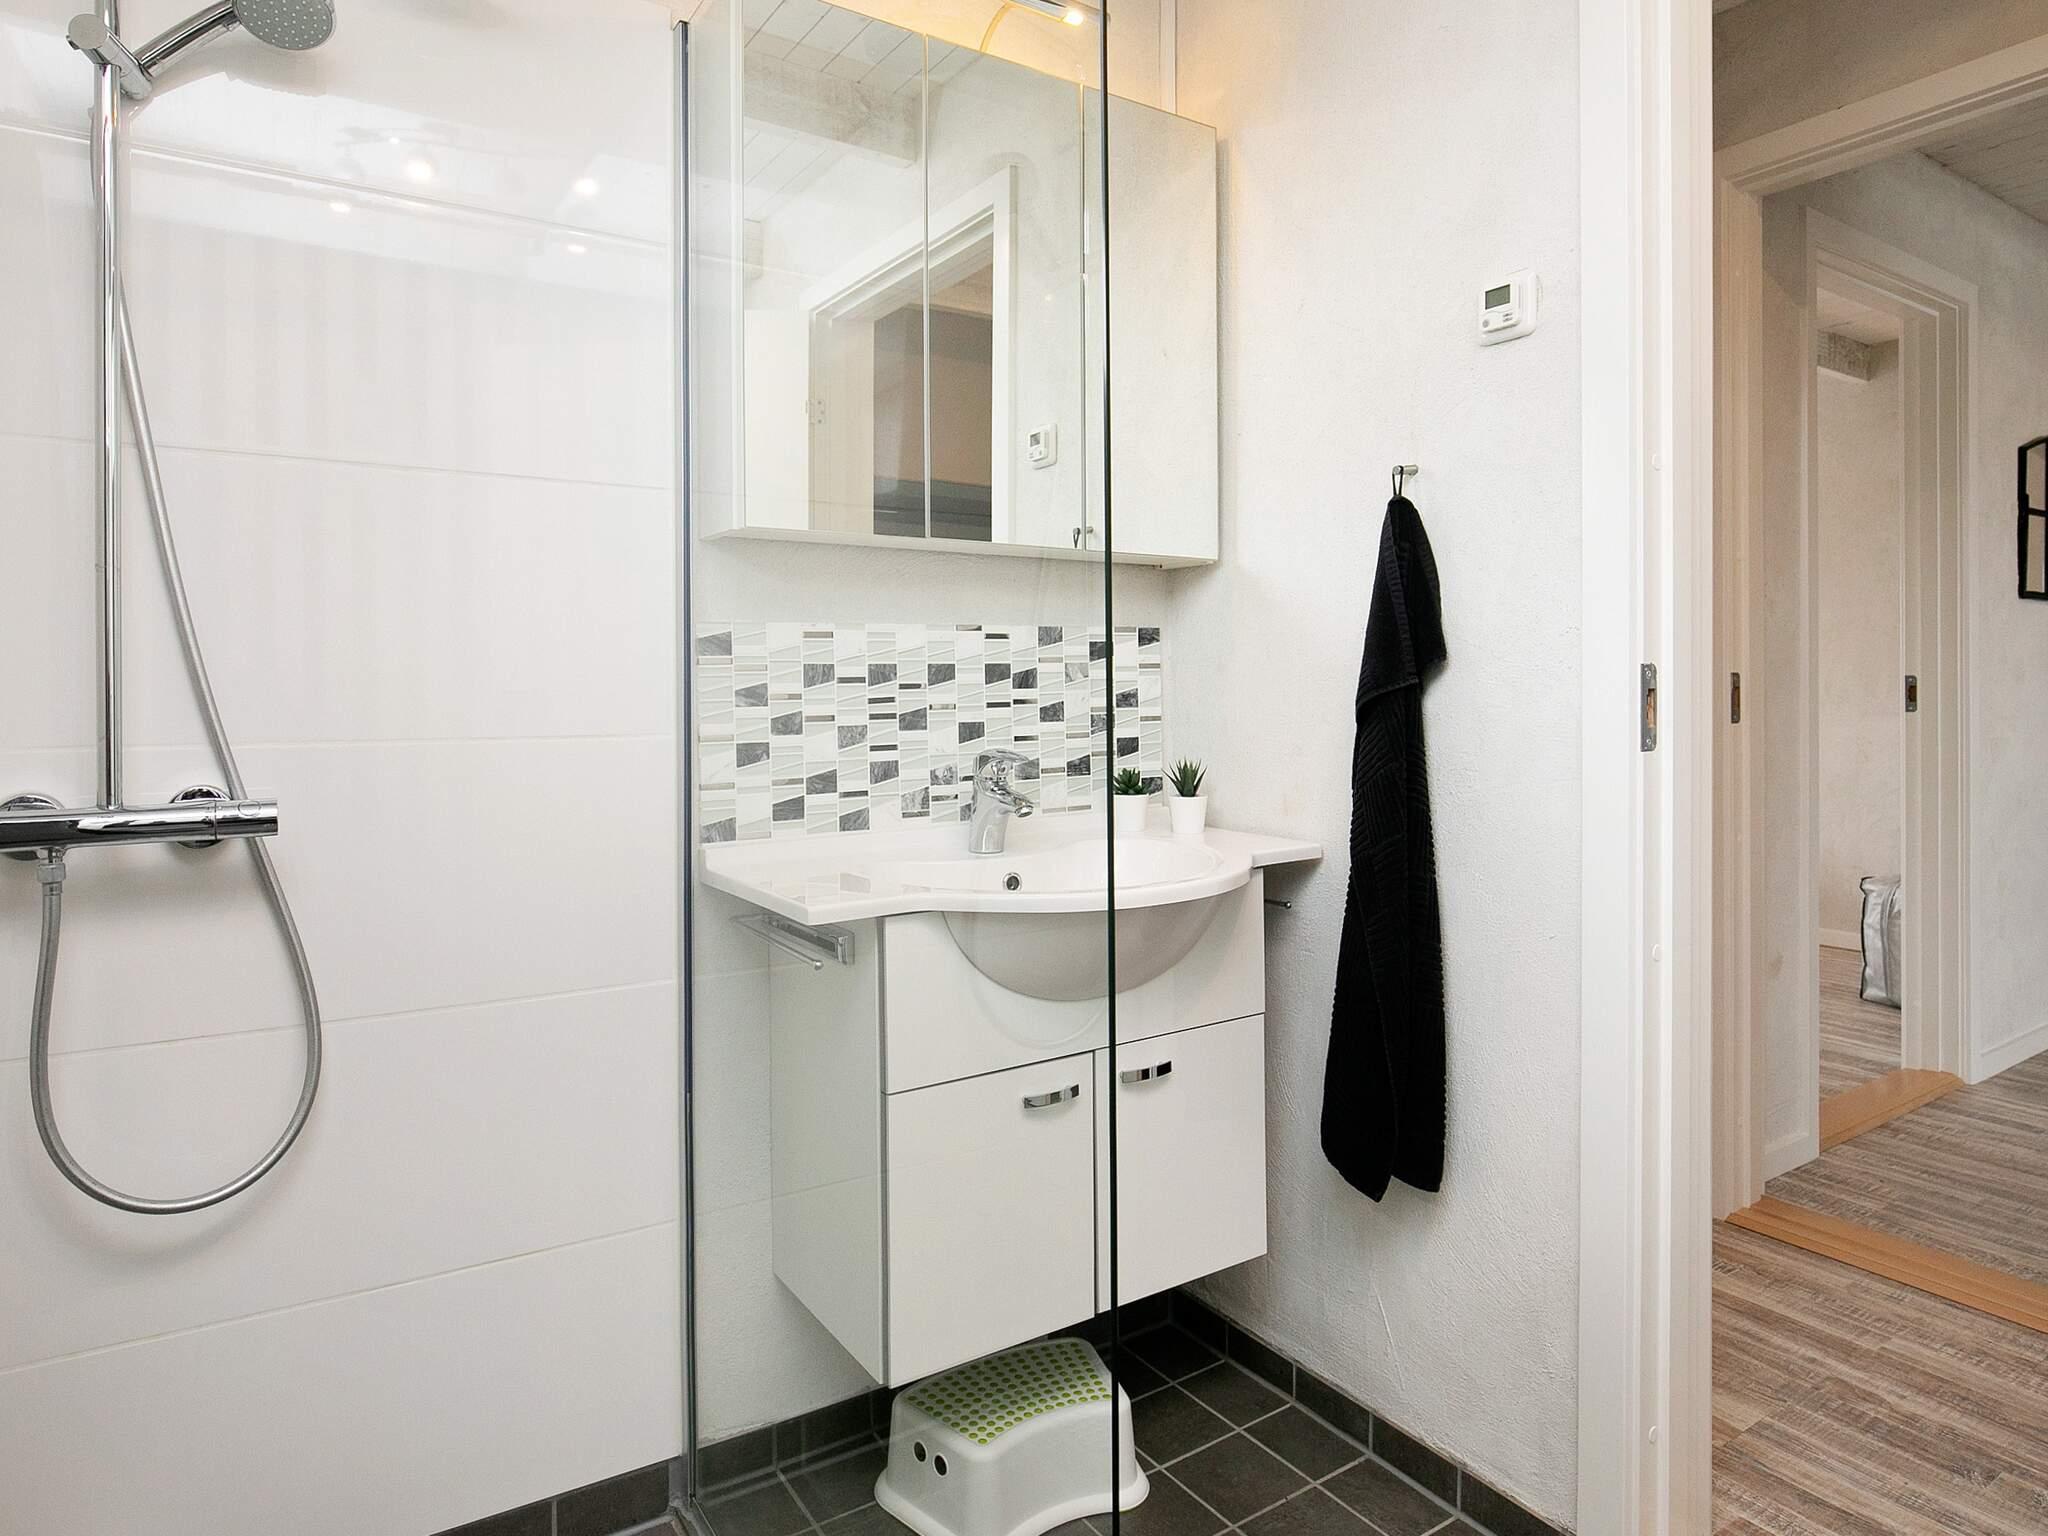 Ferienhaus Marielyst (2561595), Marielyst, , Falster, Dänemark, Bild 4